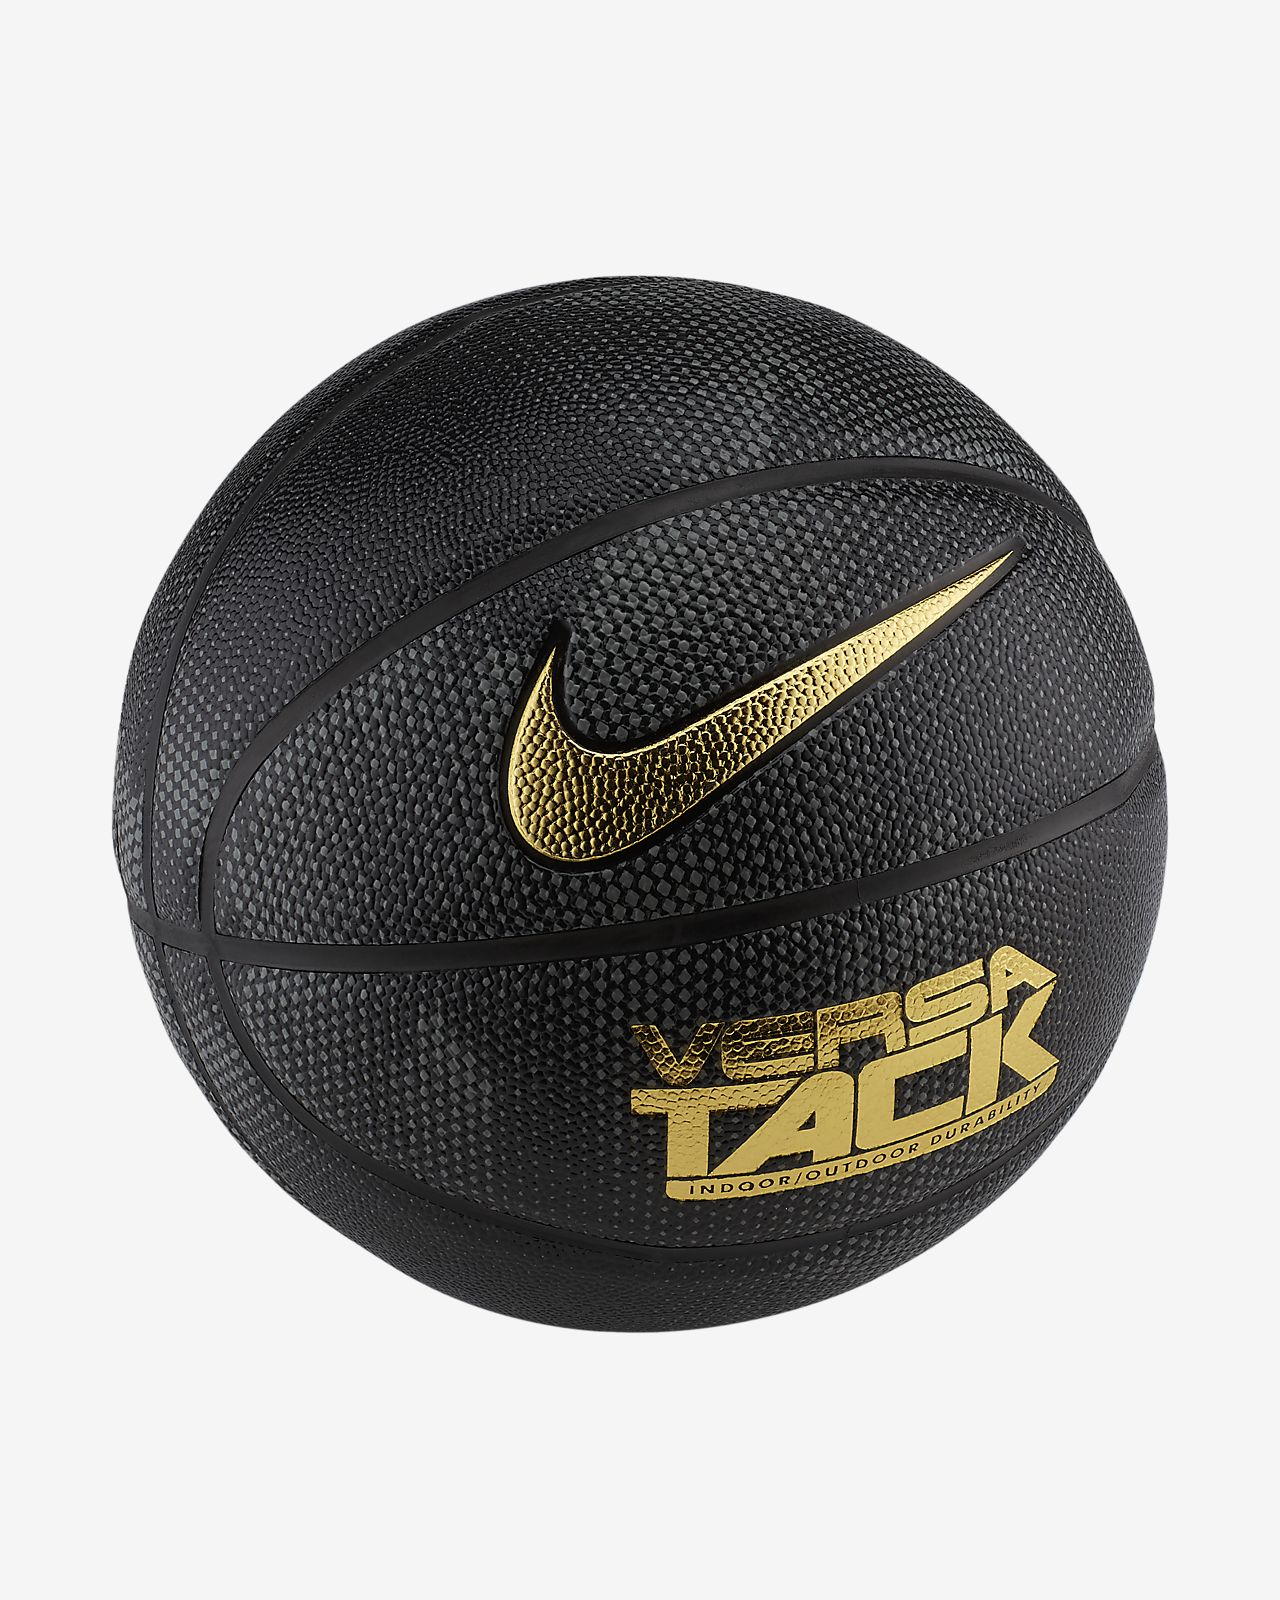 Ballon de basketball Nike Versa Tack 8P